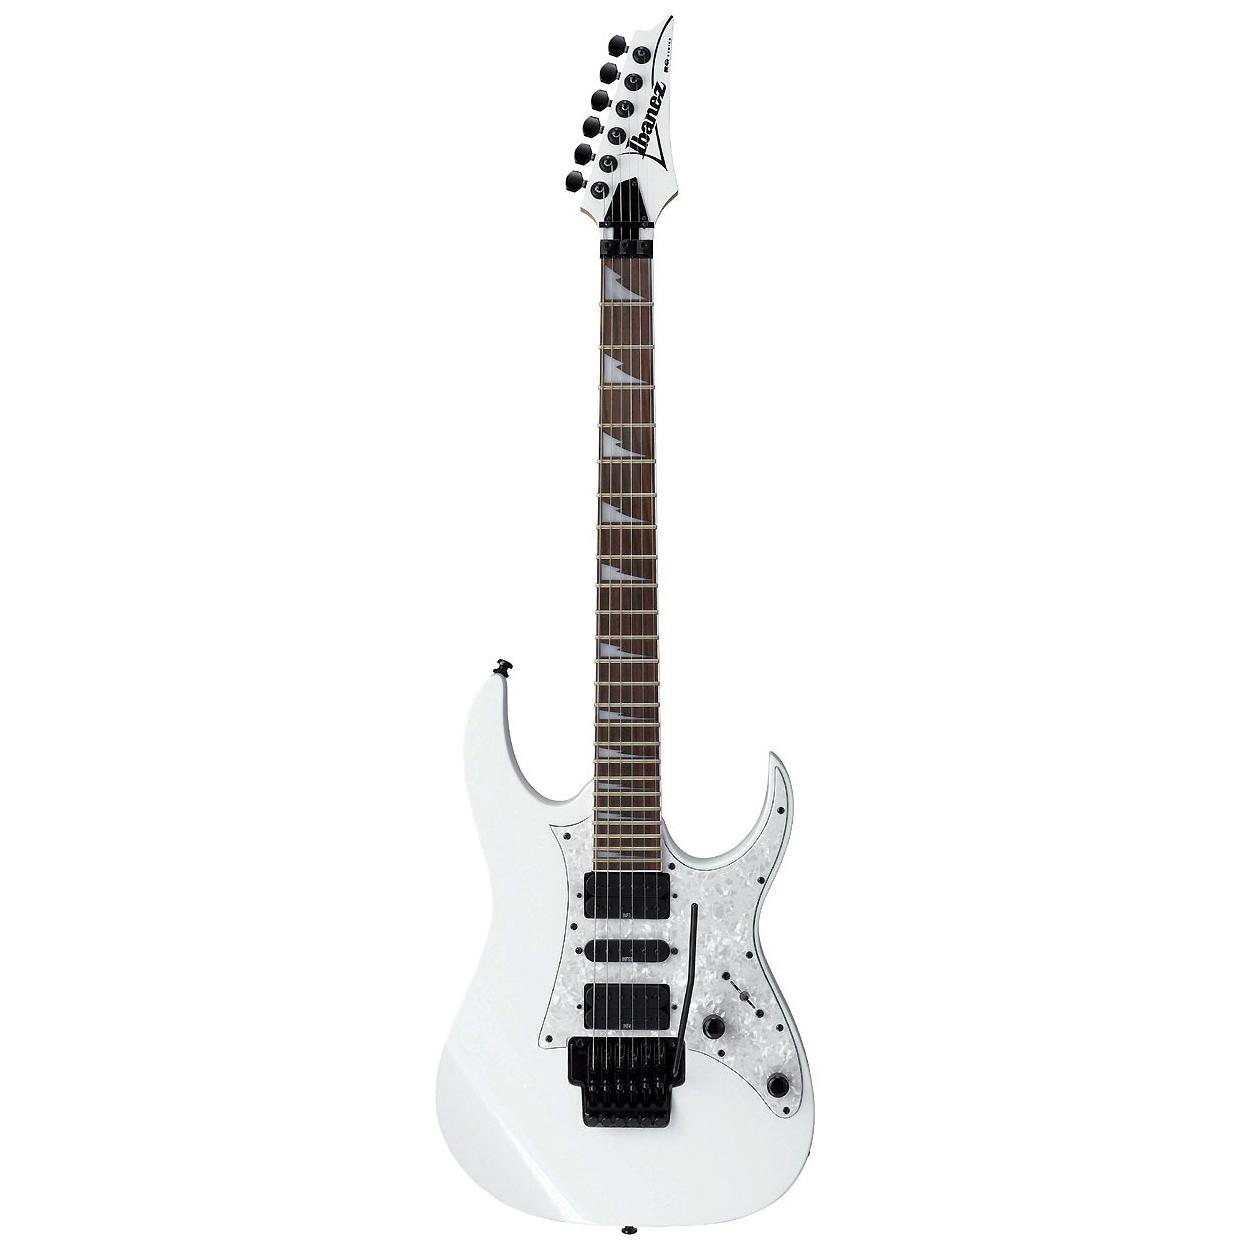 Ibanez - RG350DXZ Guitare électrique - Blanc